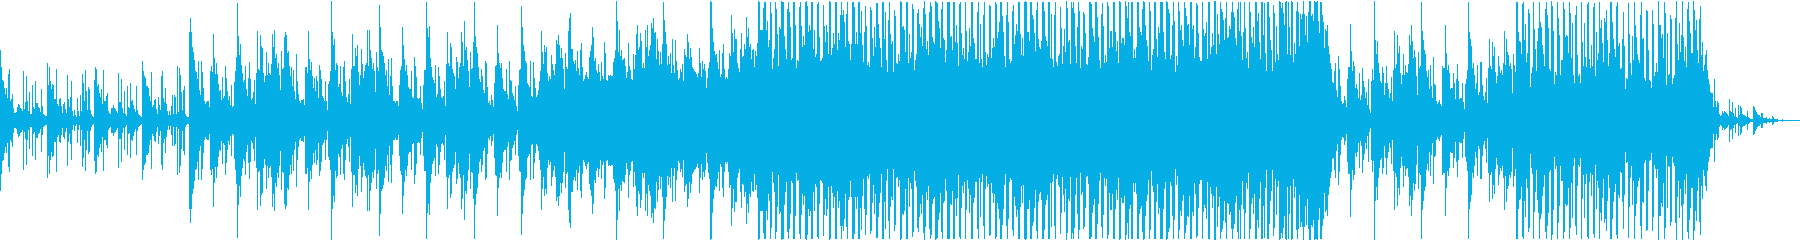 琴の旋律が印象的なBGMの再生済みの波形